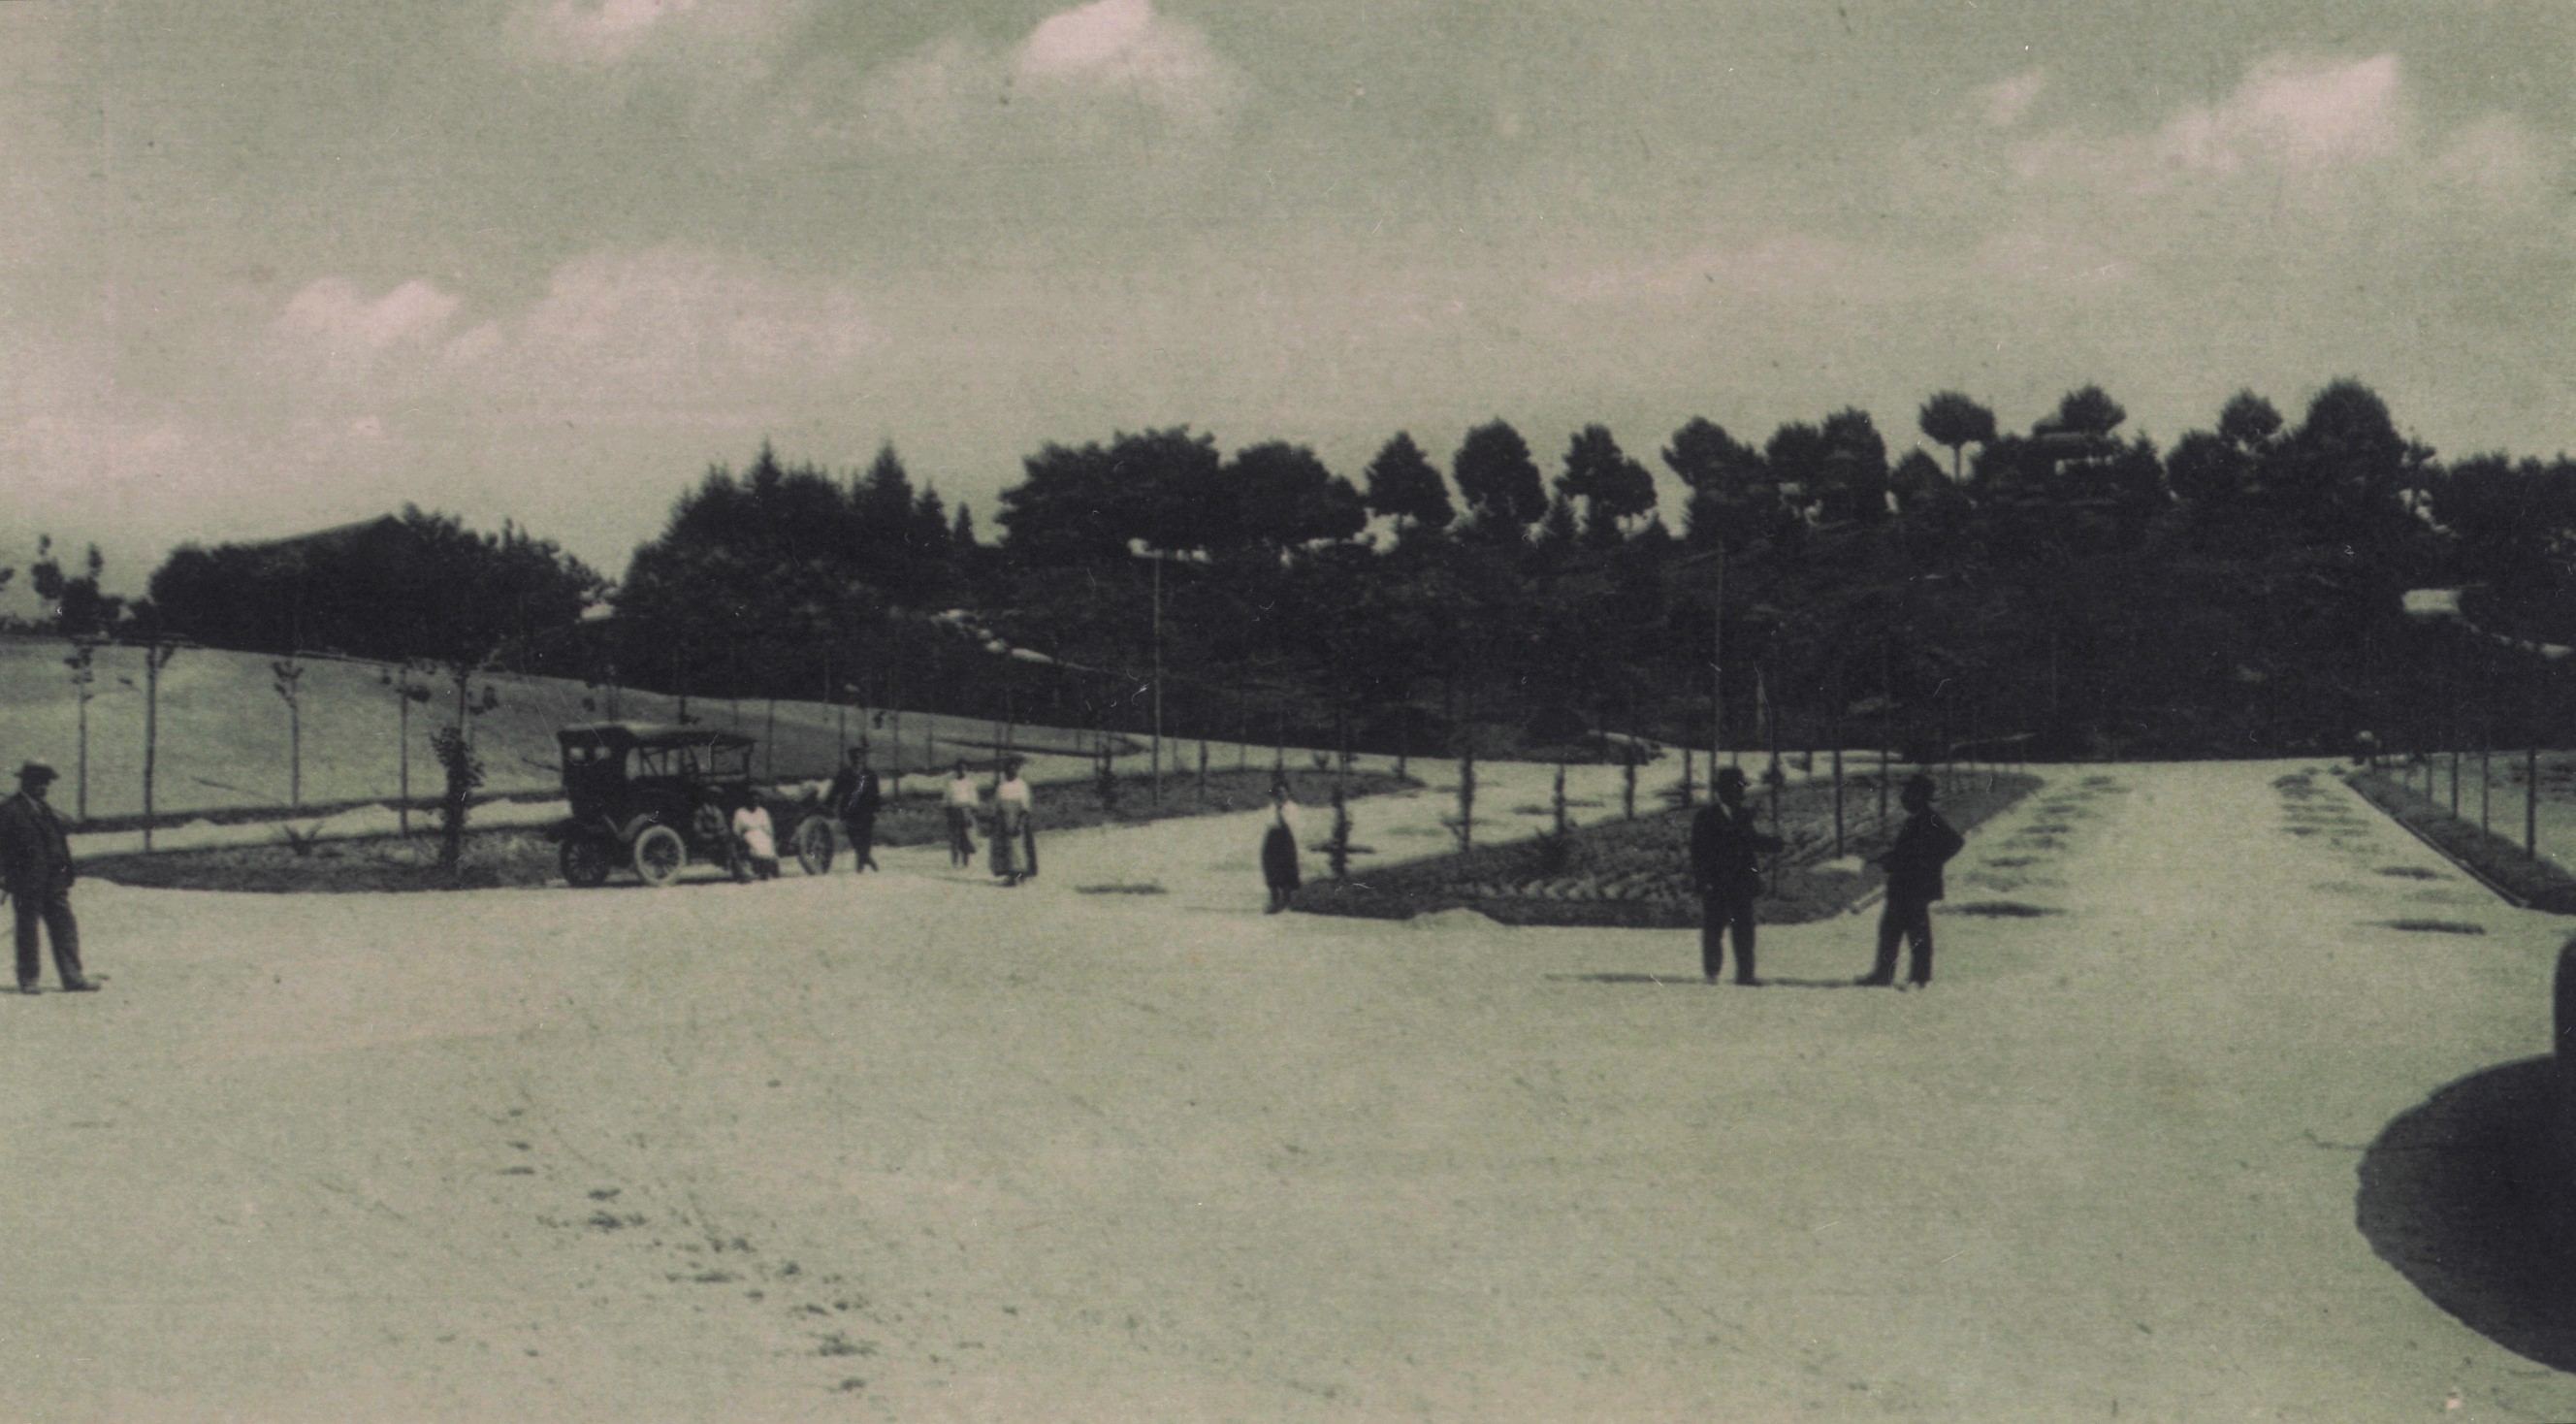 Entrada do Parque de La Salette, à esqª Domingos José da Costa (Anos 10)